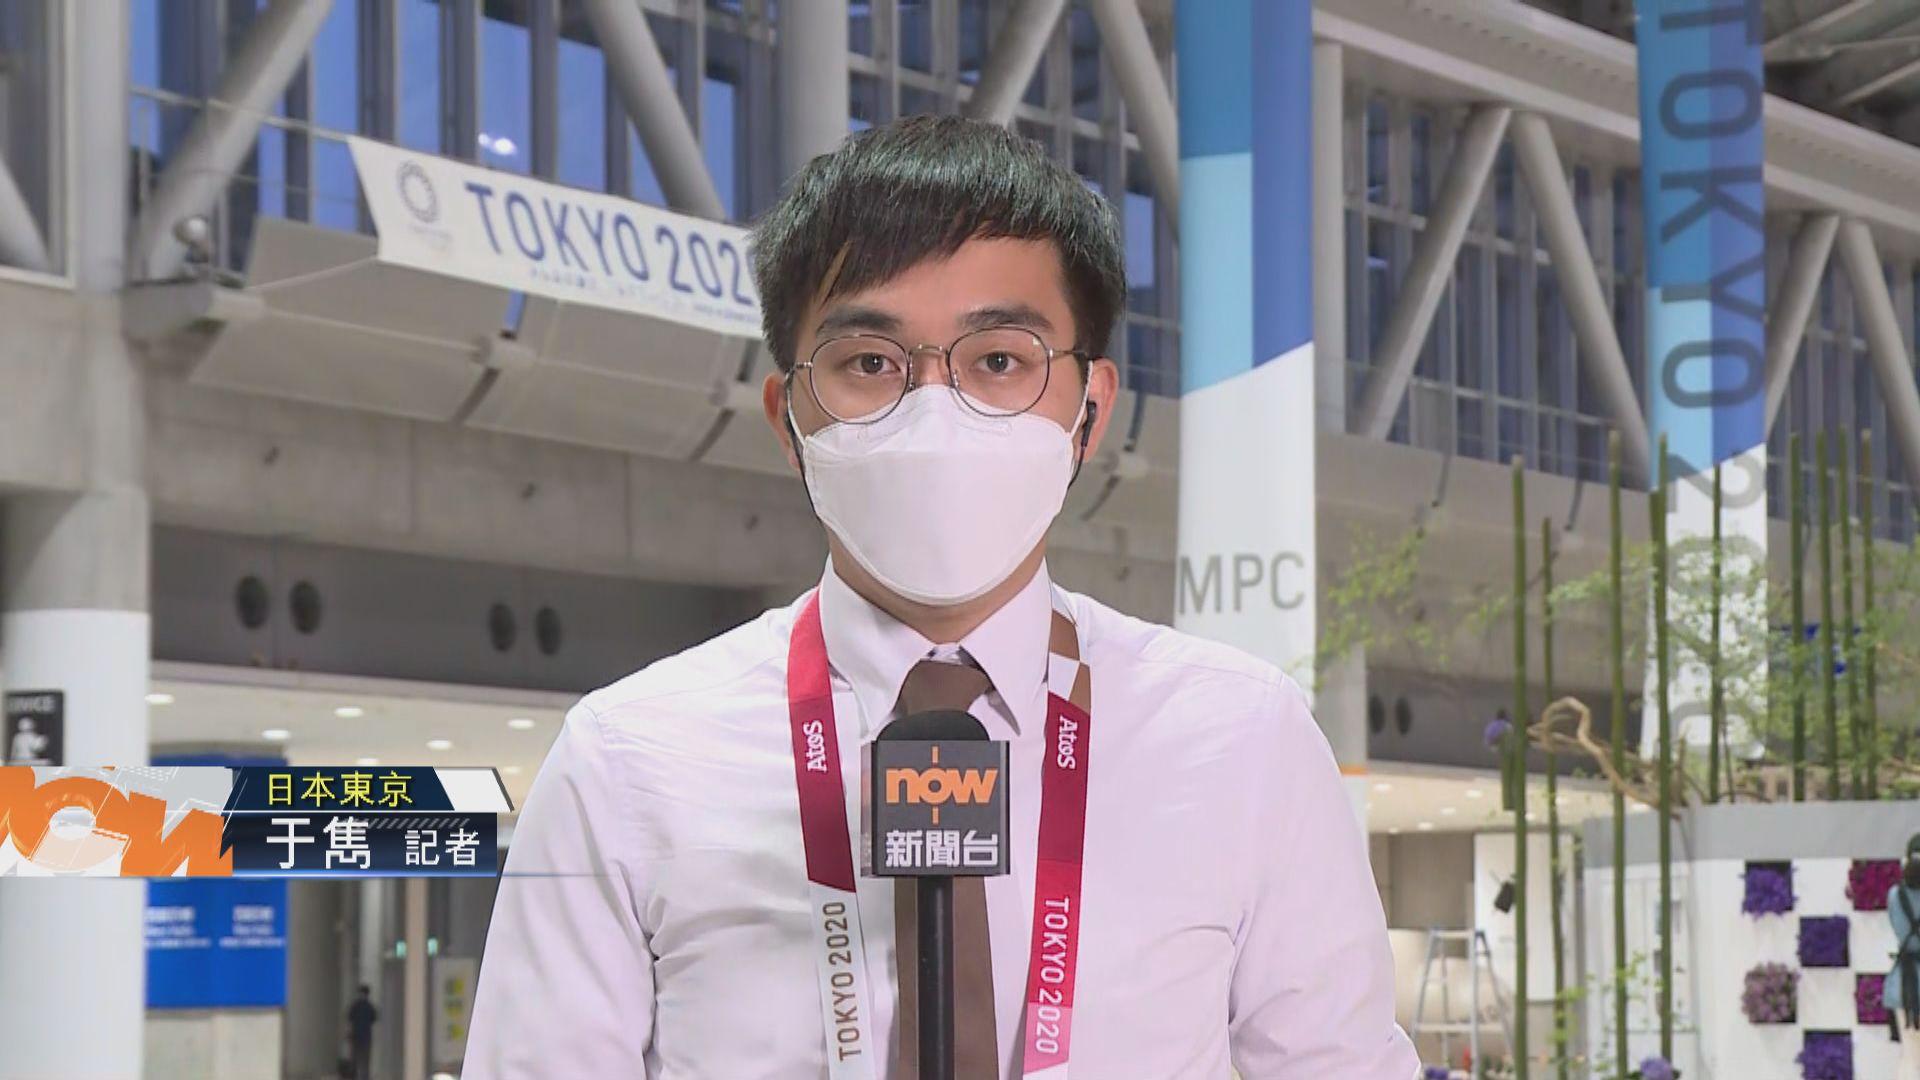 【東京現場報道】選手村首現確診 新聞中心氣氛未見緊張